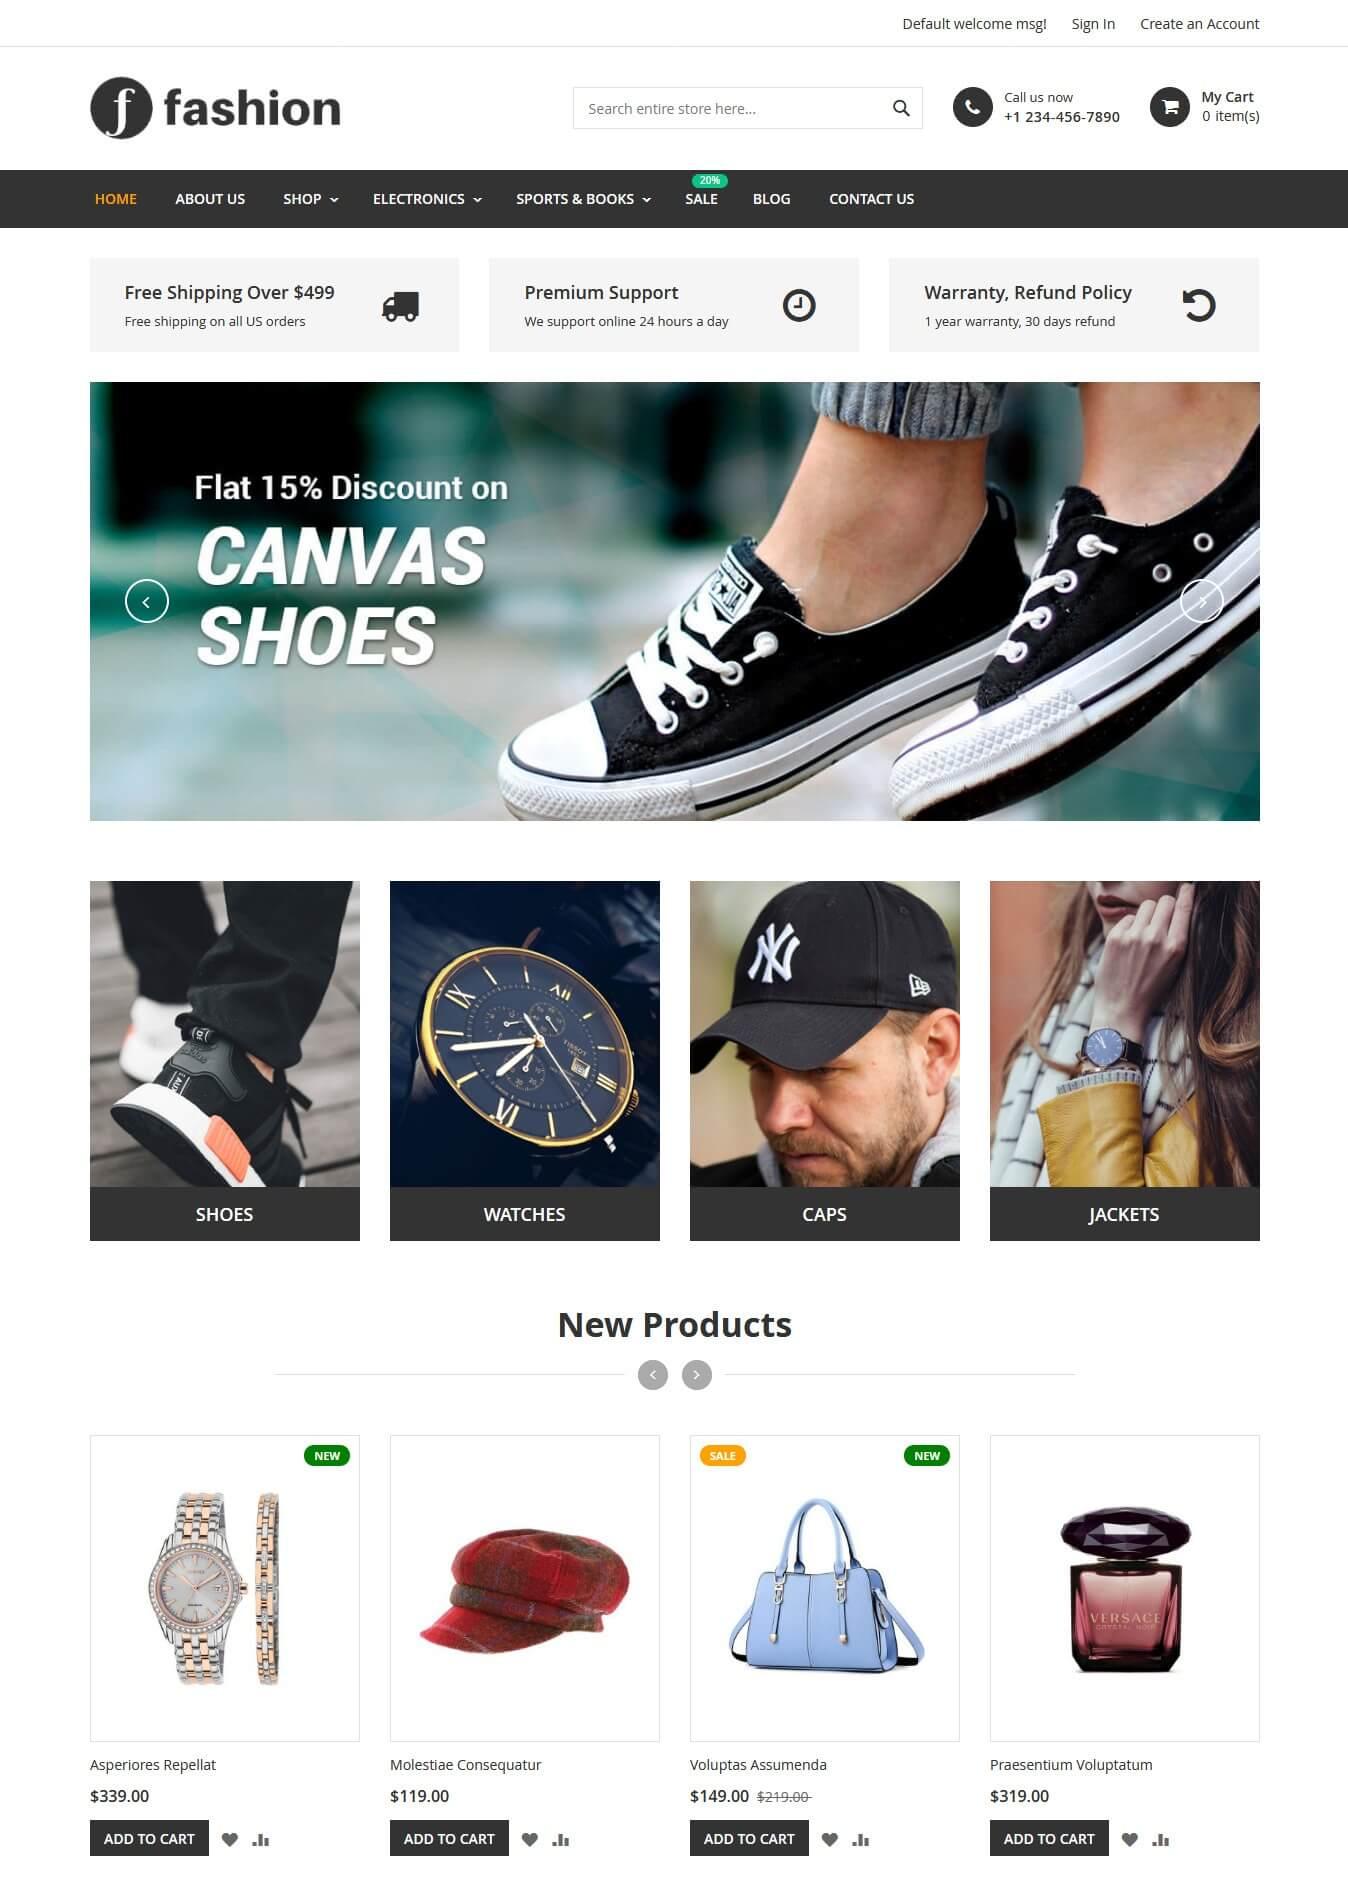 Fashion Magento 2.2.6 Theme